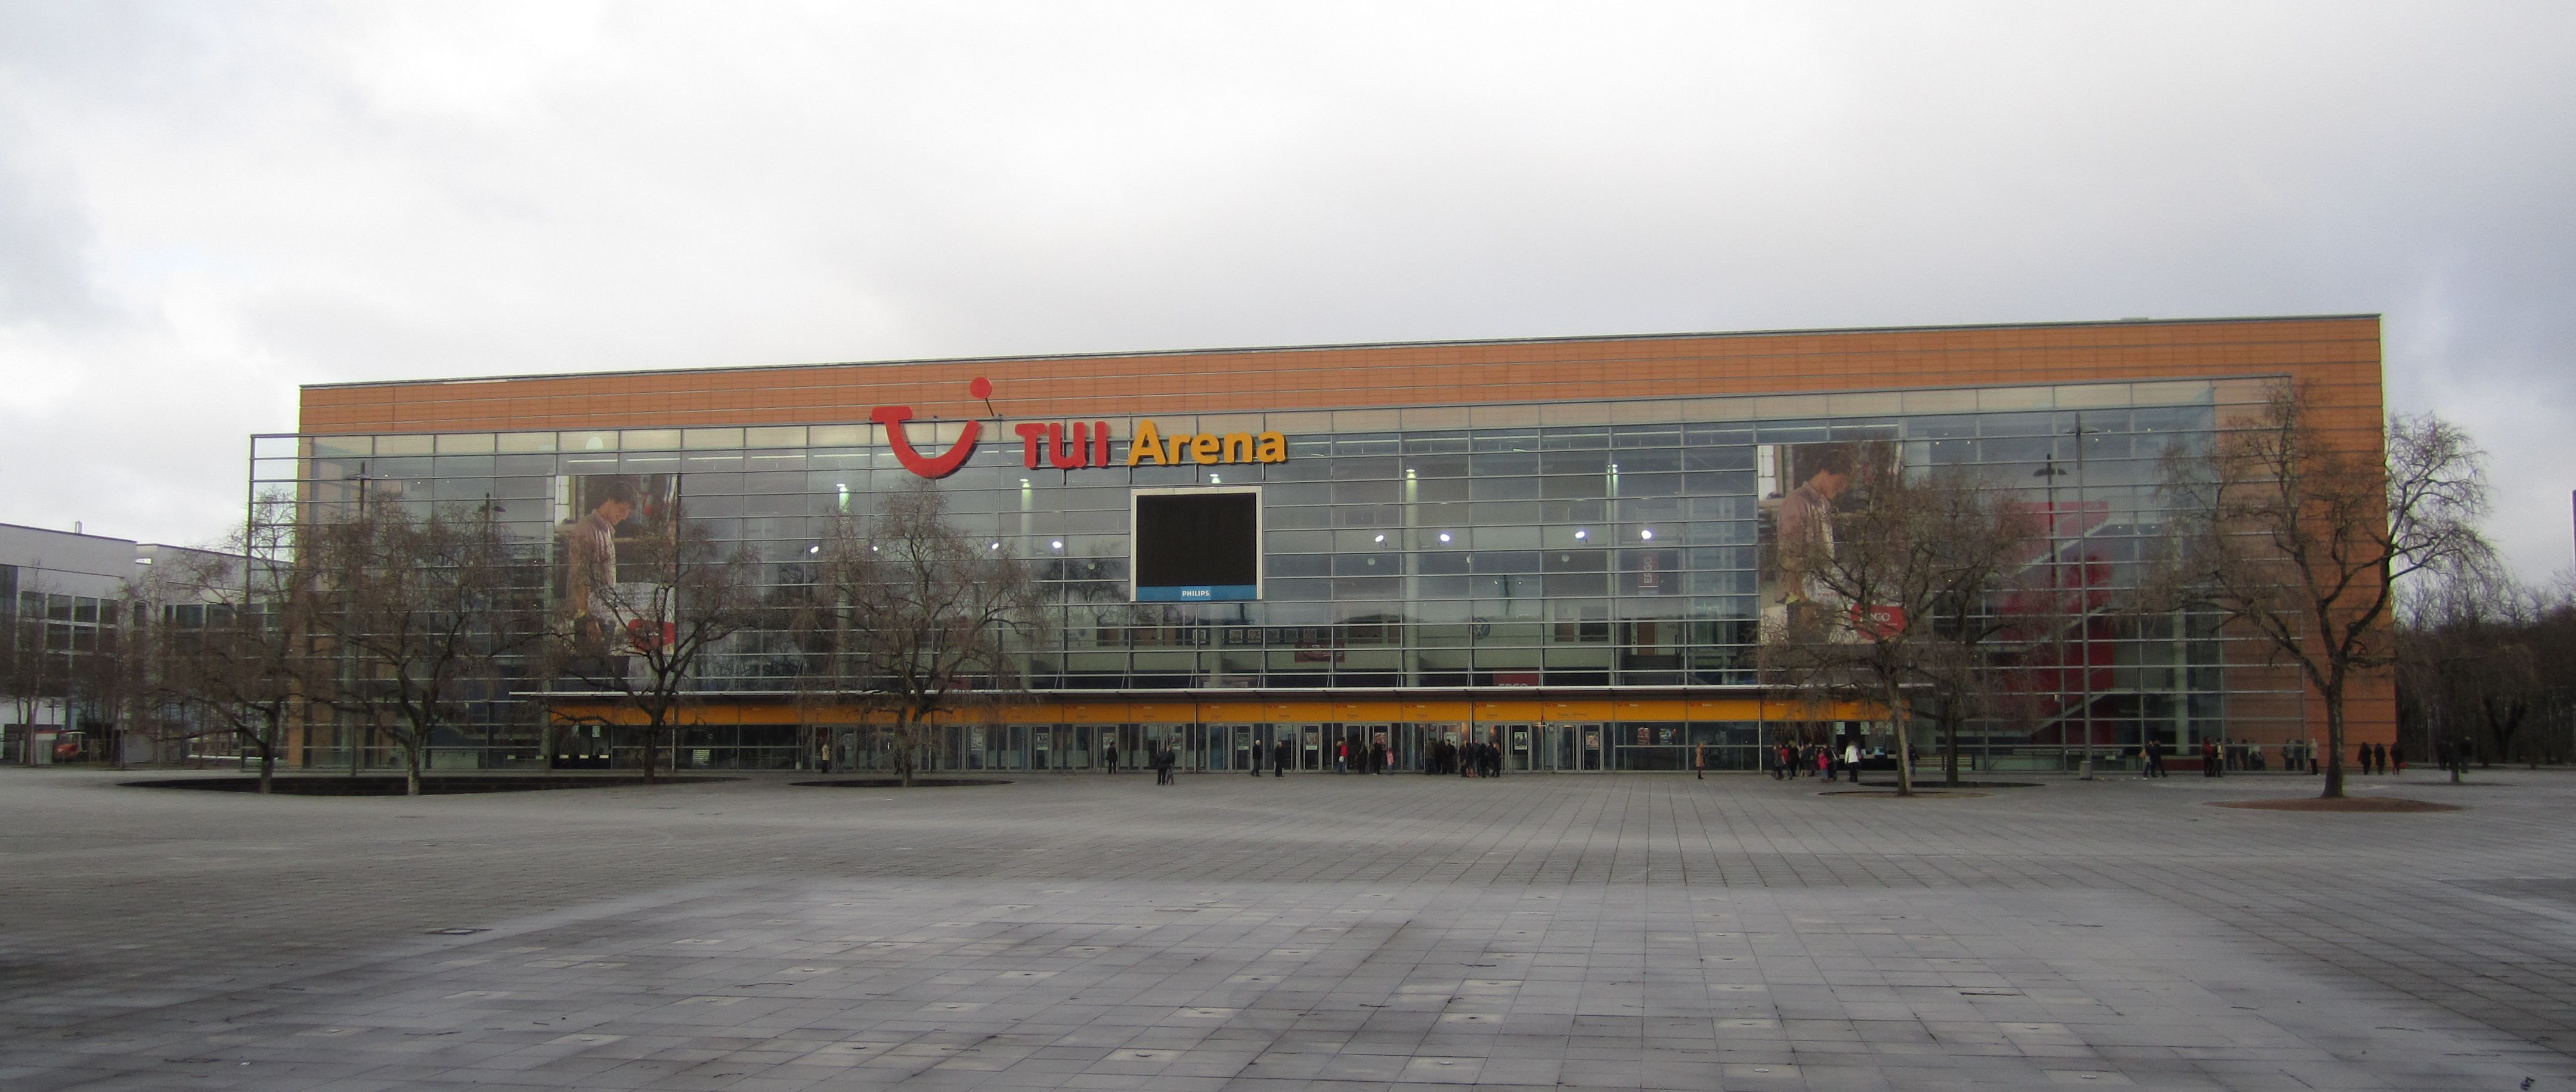 Anfahrt zur TUI Arena - Tickets